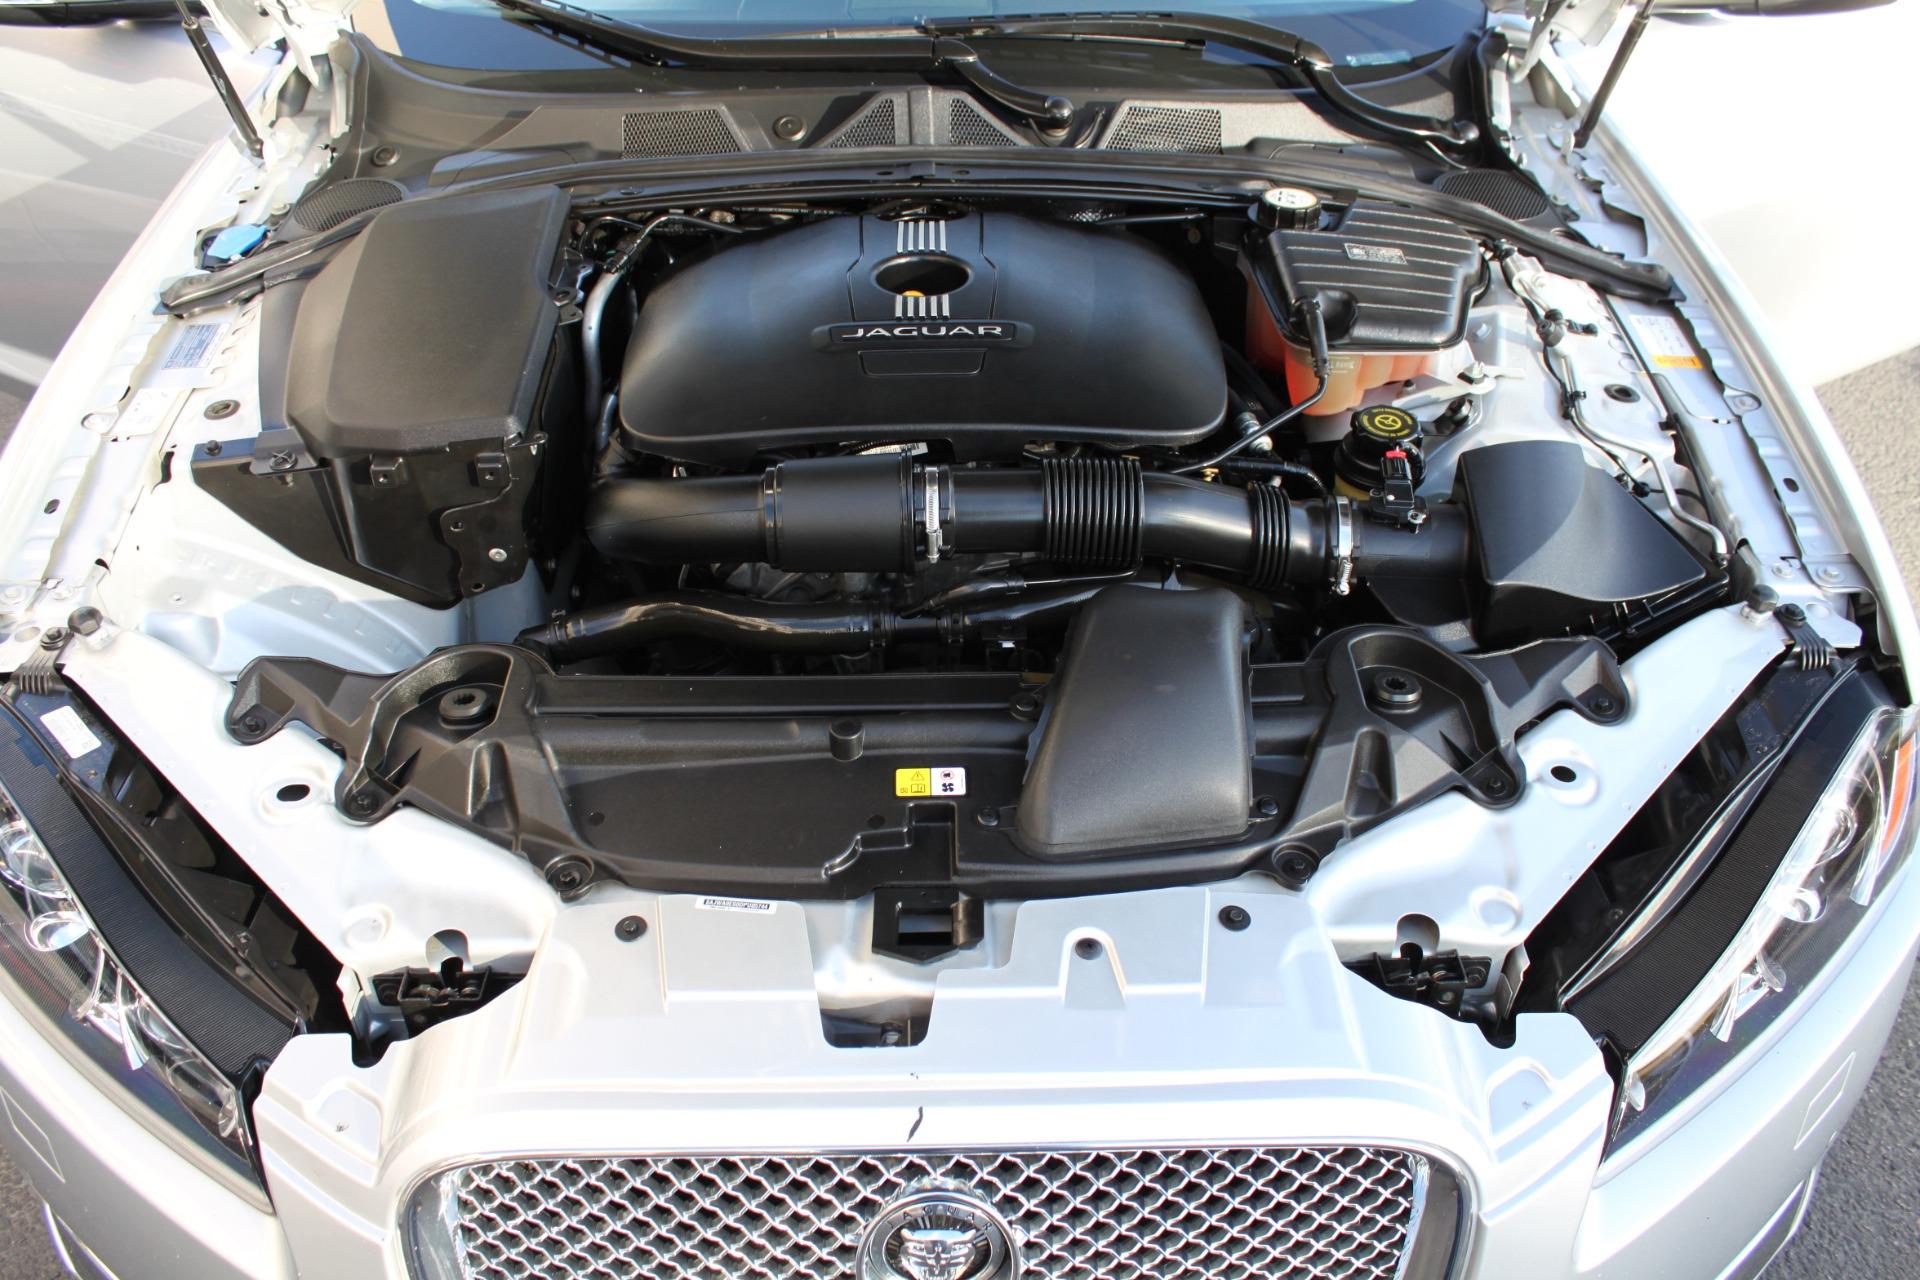 Used-2013-Jaguar-XF-I4-RWD-Acura